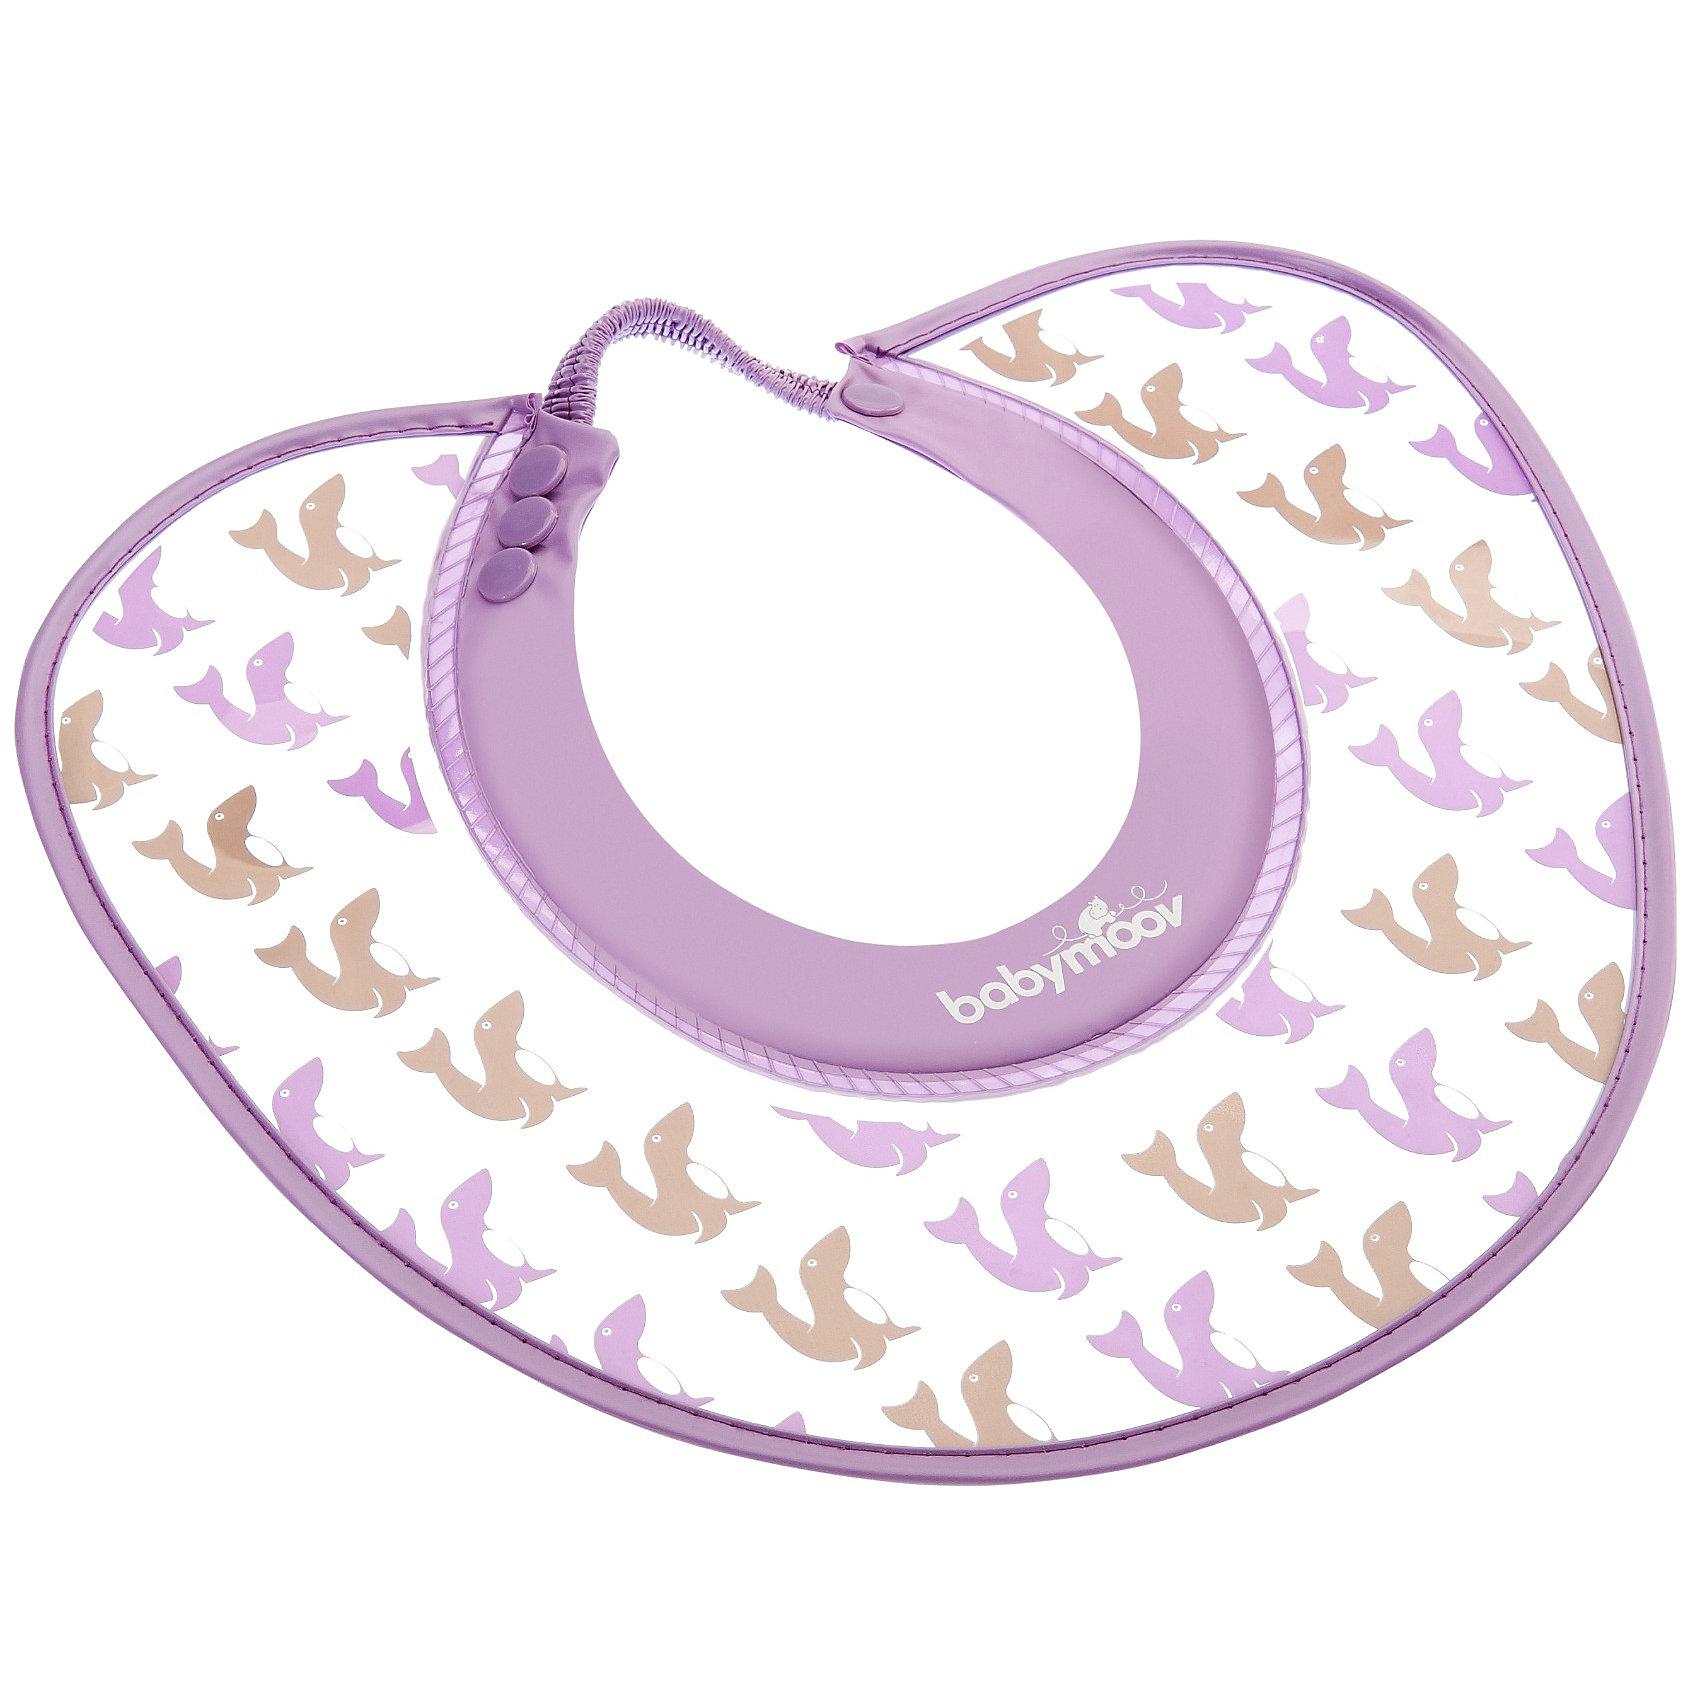 где купить Babymoov Ободок защитный для мытья головы Морской лев, Babymoov, фиолетовый по лучшей цене